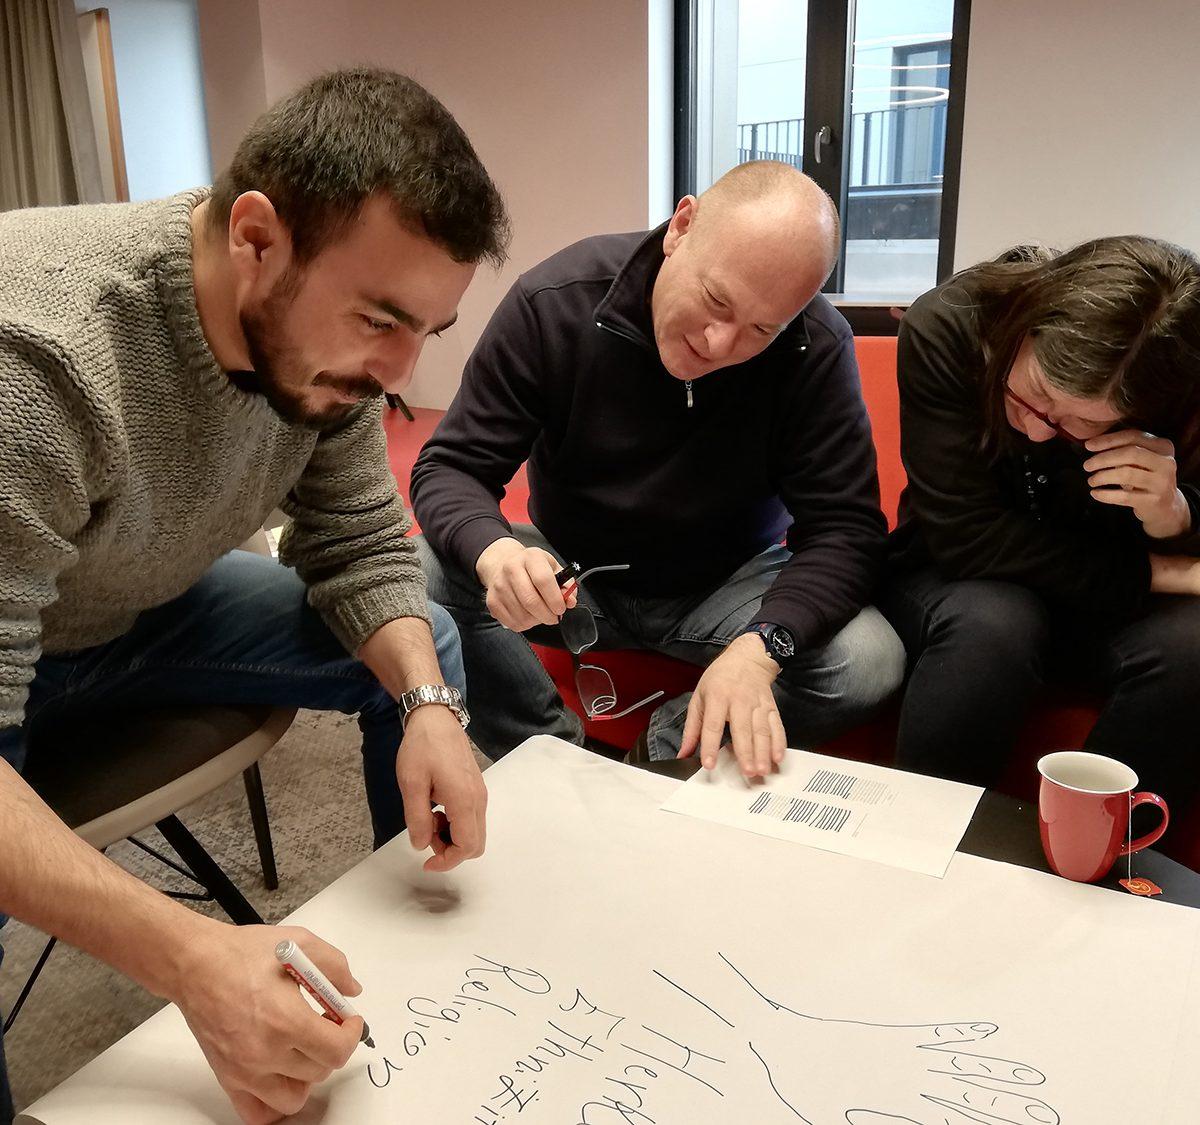 Drei Personen sitzen zusammen und schreiben Begriffe auf einen Flipchart